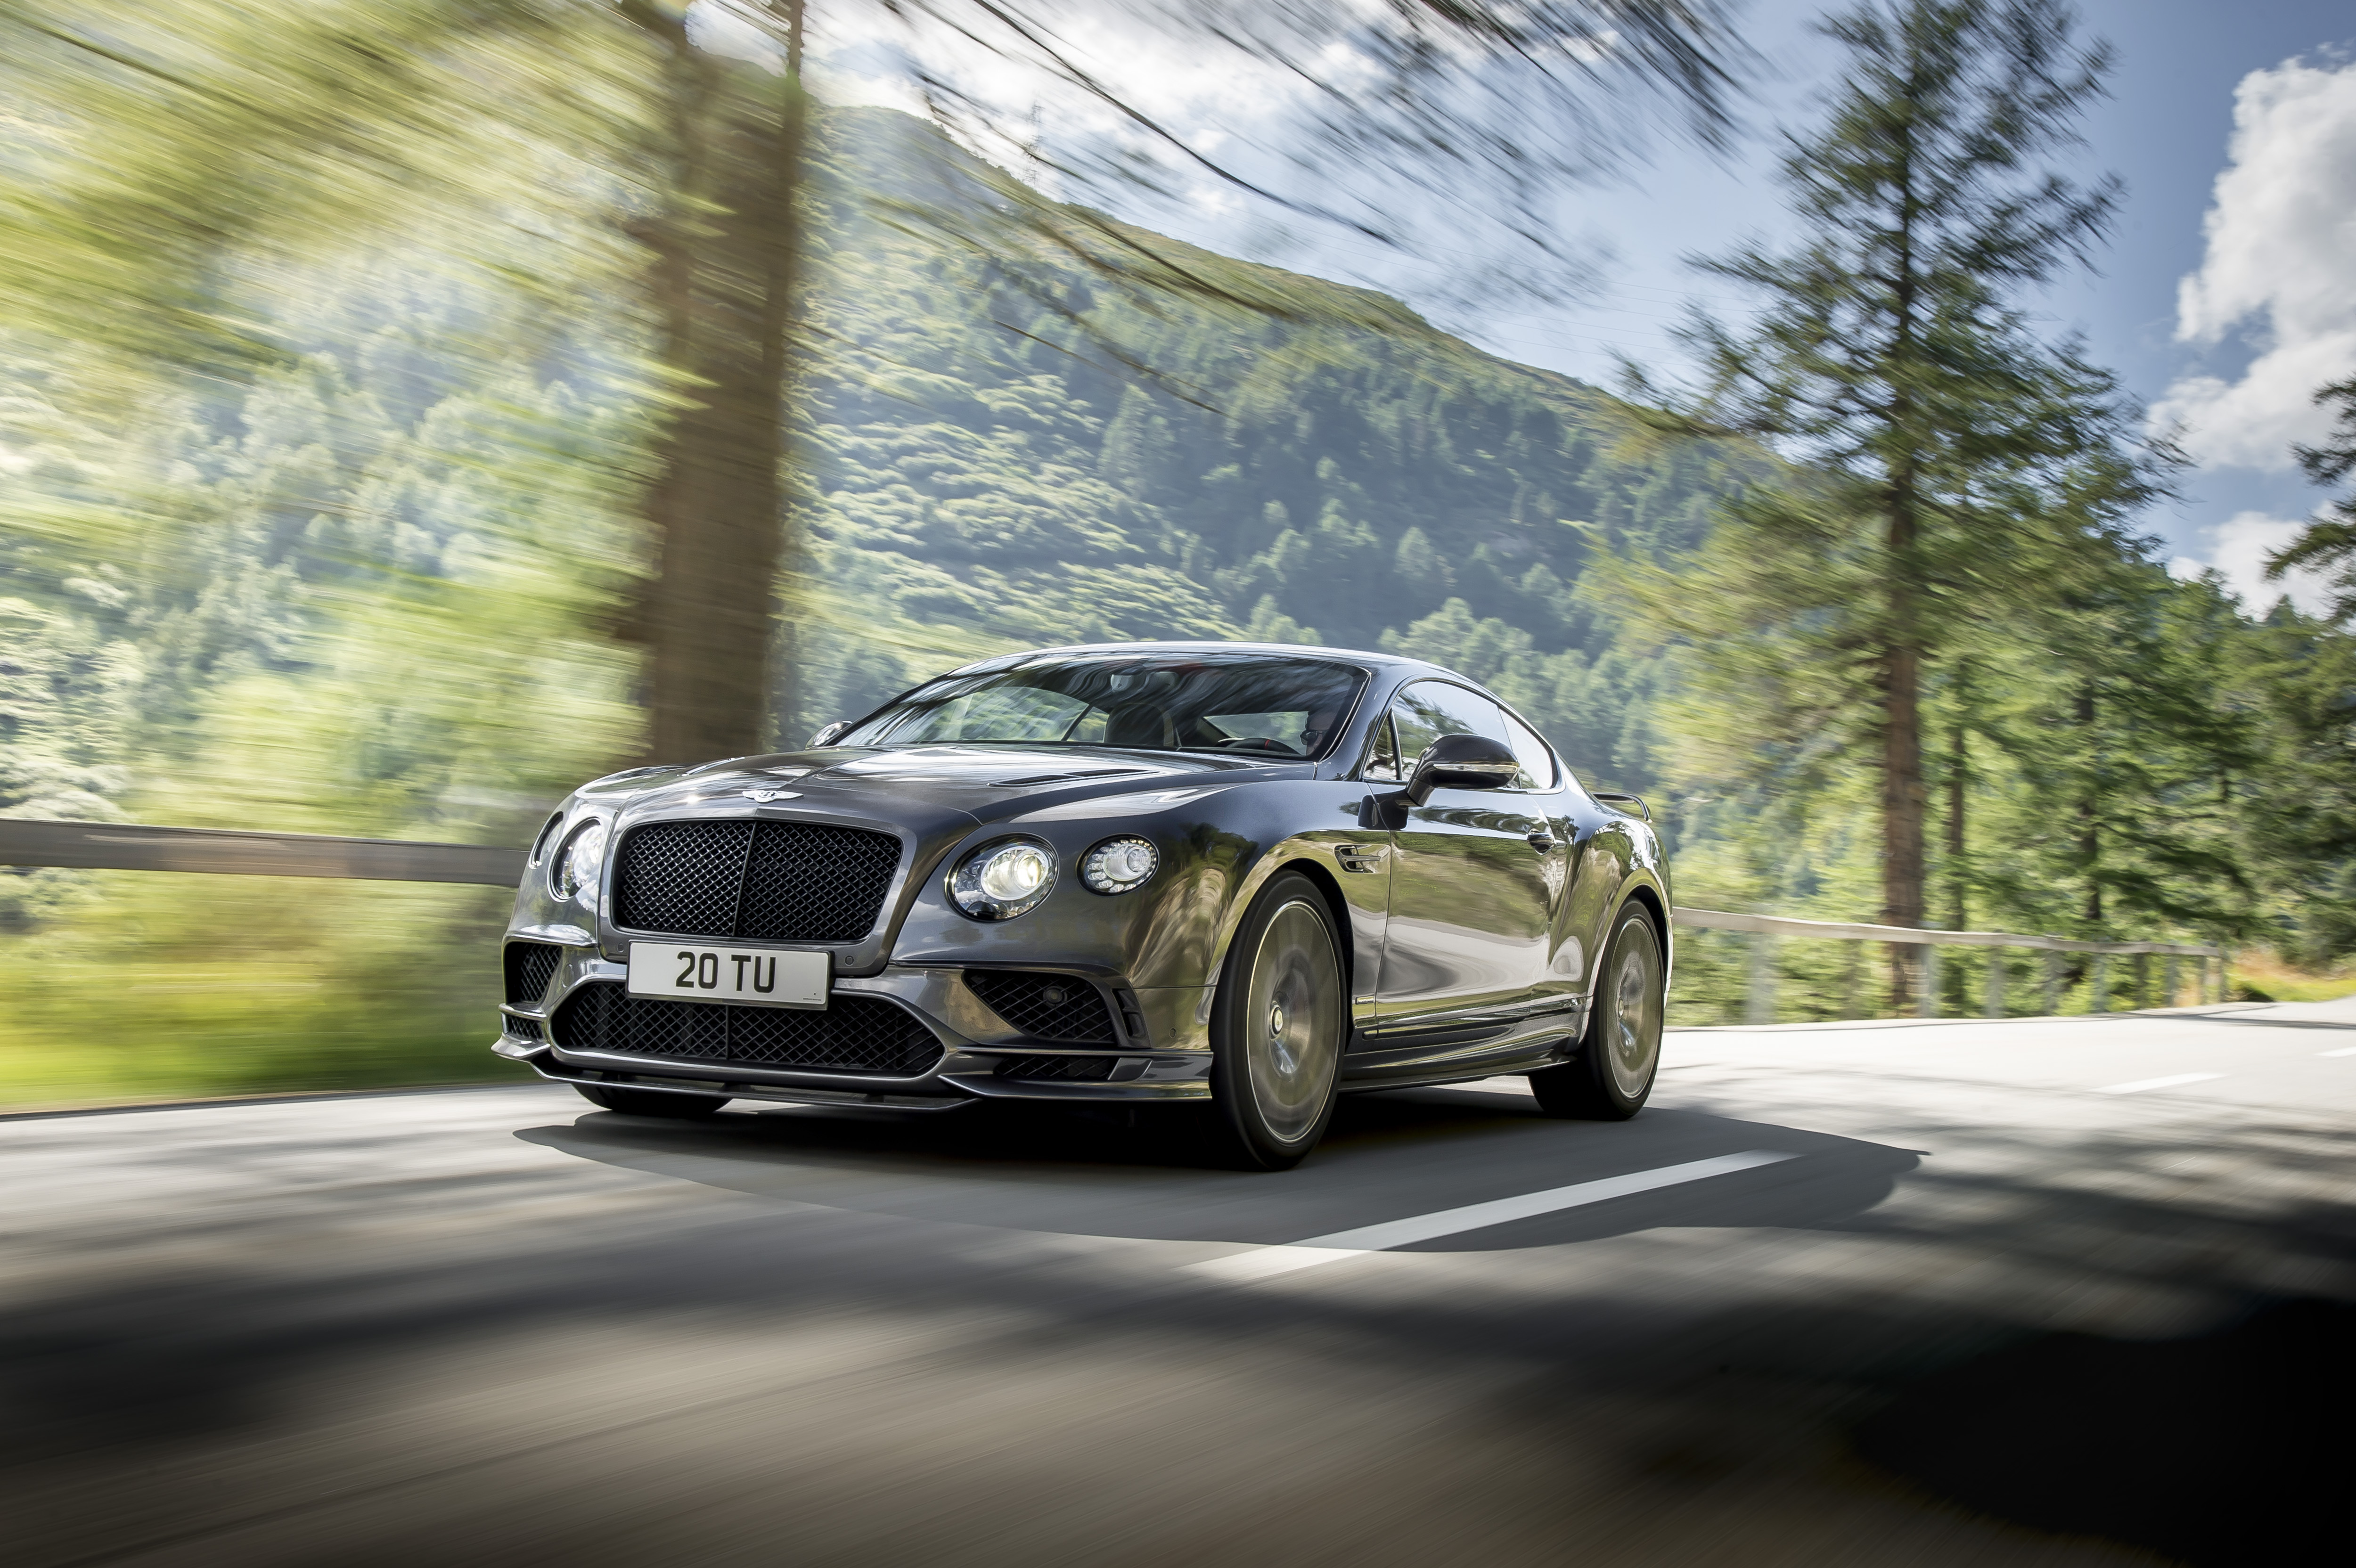 Bentley Continental GT SupersportsPhoto: James Lipman / jameslipman.com